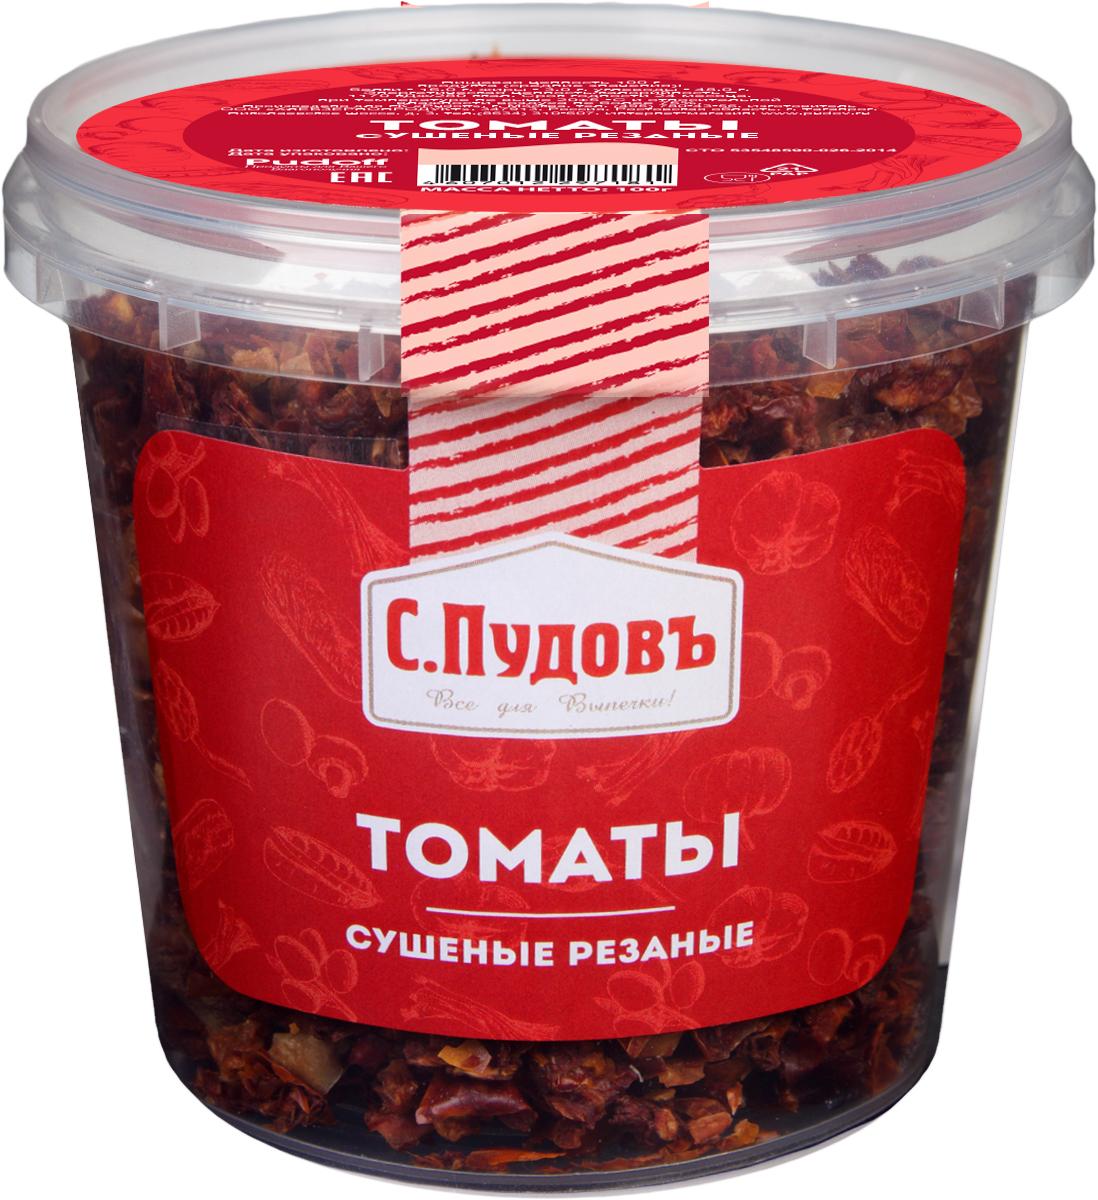 Пудовъ томаты сушеные резаные, 100 г4607012297181Сушеные резаные томаты - полезный ингредиент для тех, кто любит готовить. Его можно использовать при выпечке хлеба, приготовлении маринадов, горячих блюд, салатов. Великолепная добавка к восточным блюдам.